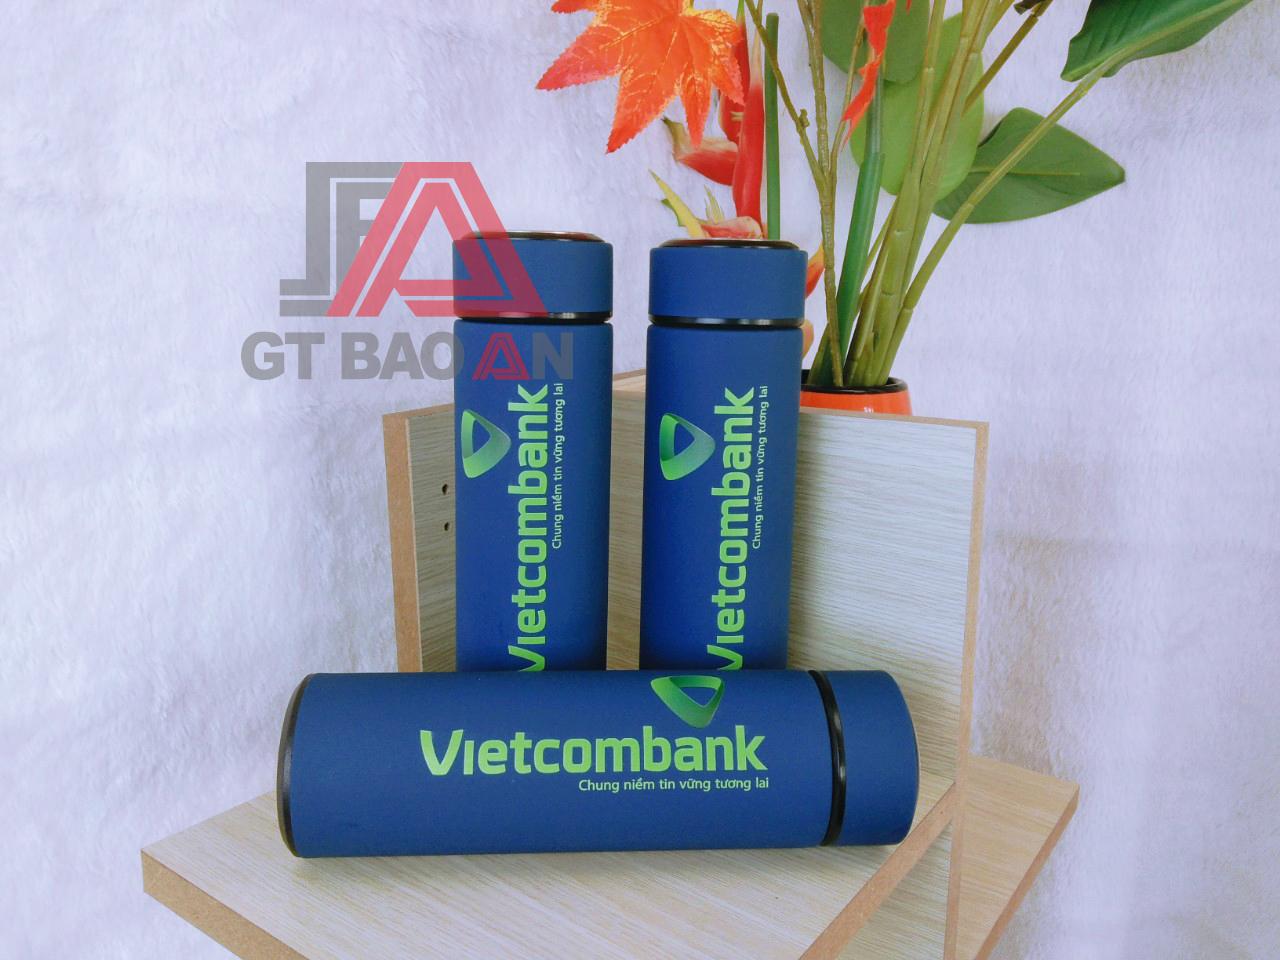 Bình giữ nhiệt quà tặng Vietcombank